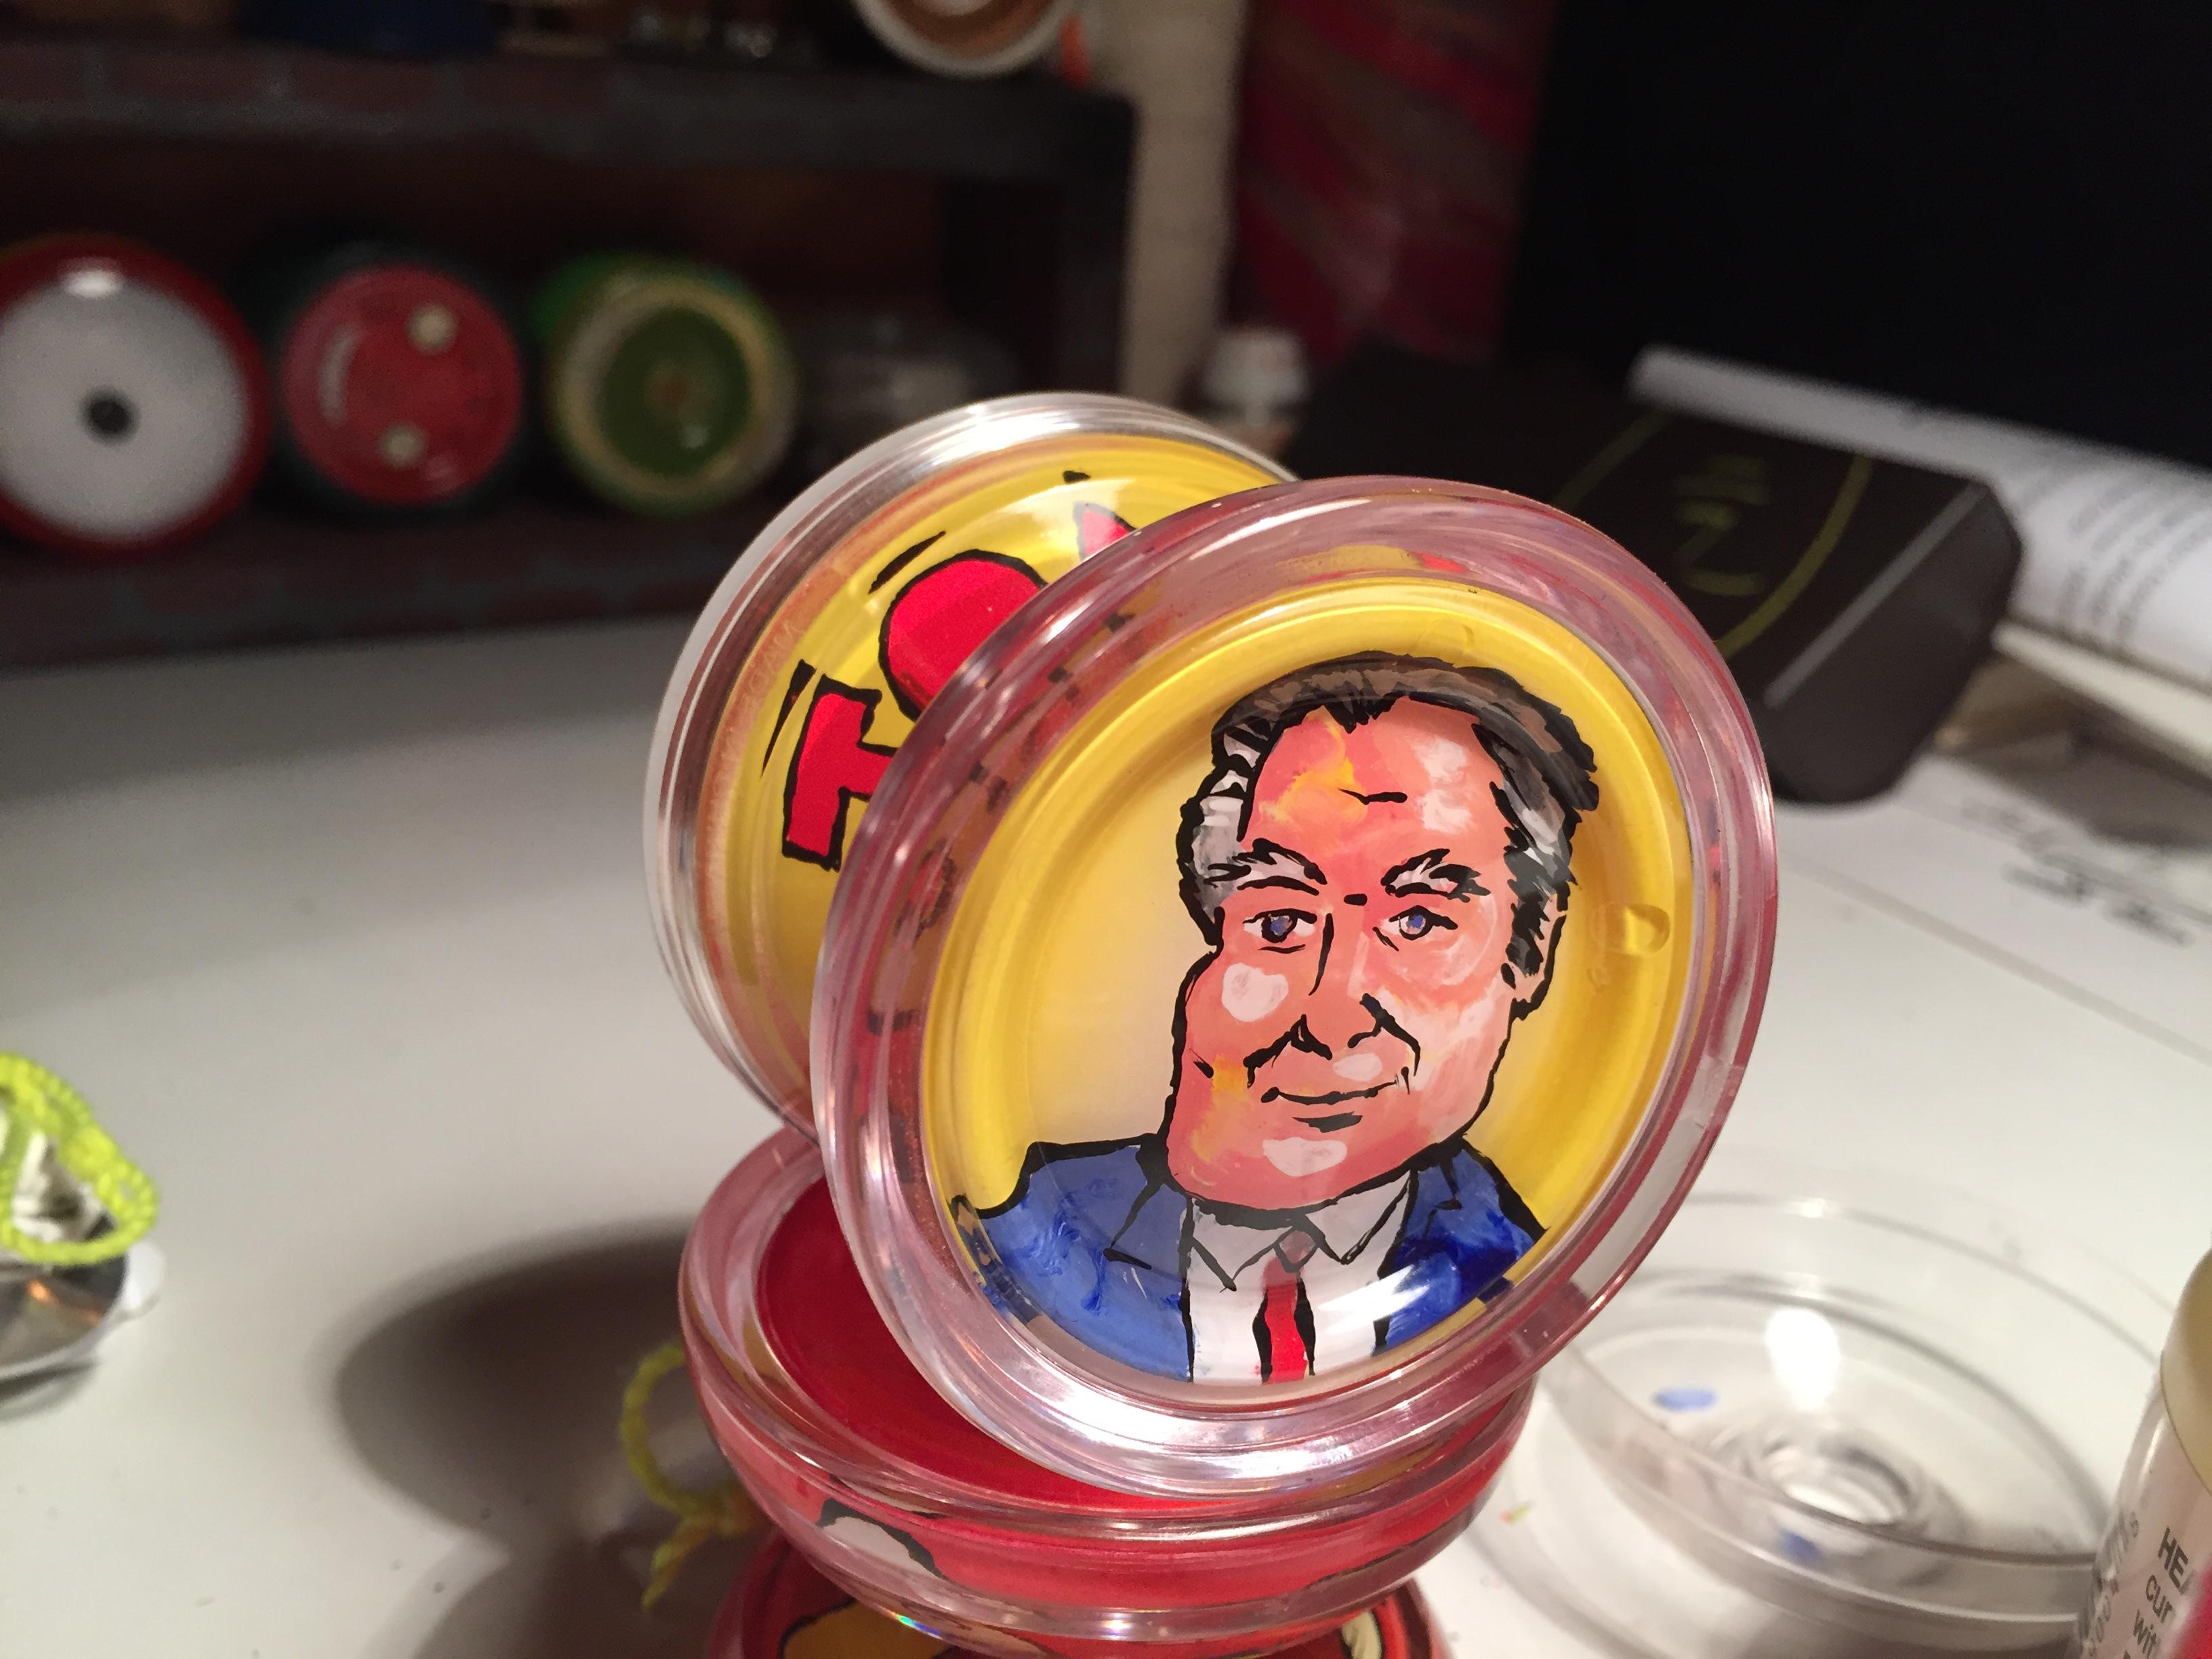 Tommy Maitland custom yoyo by John Higby